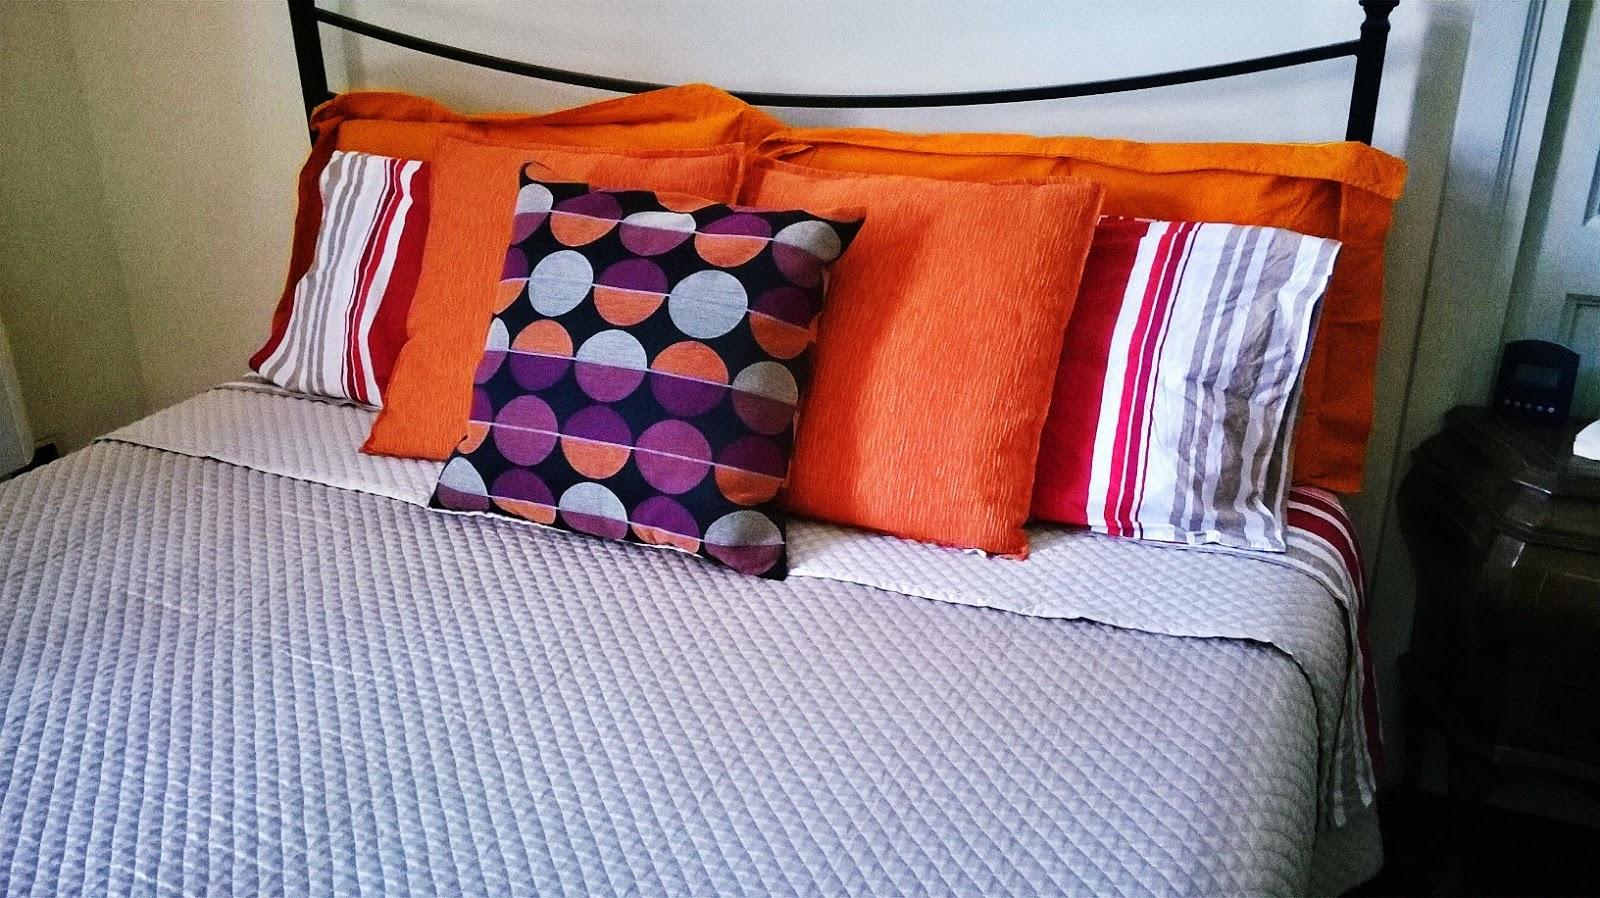 I consigli di mim cuscini decorativi si si - Cuscini decorativi letto ...